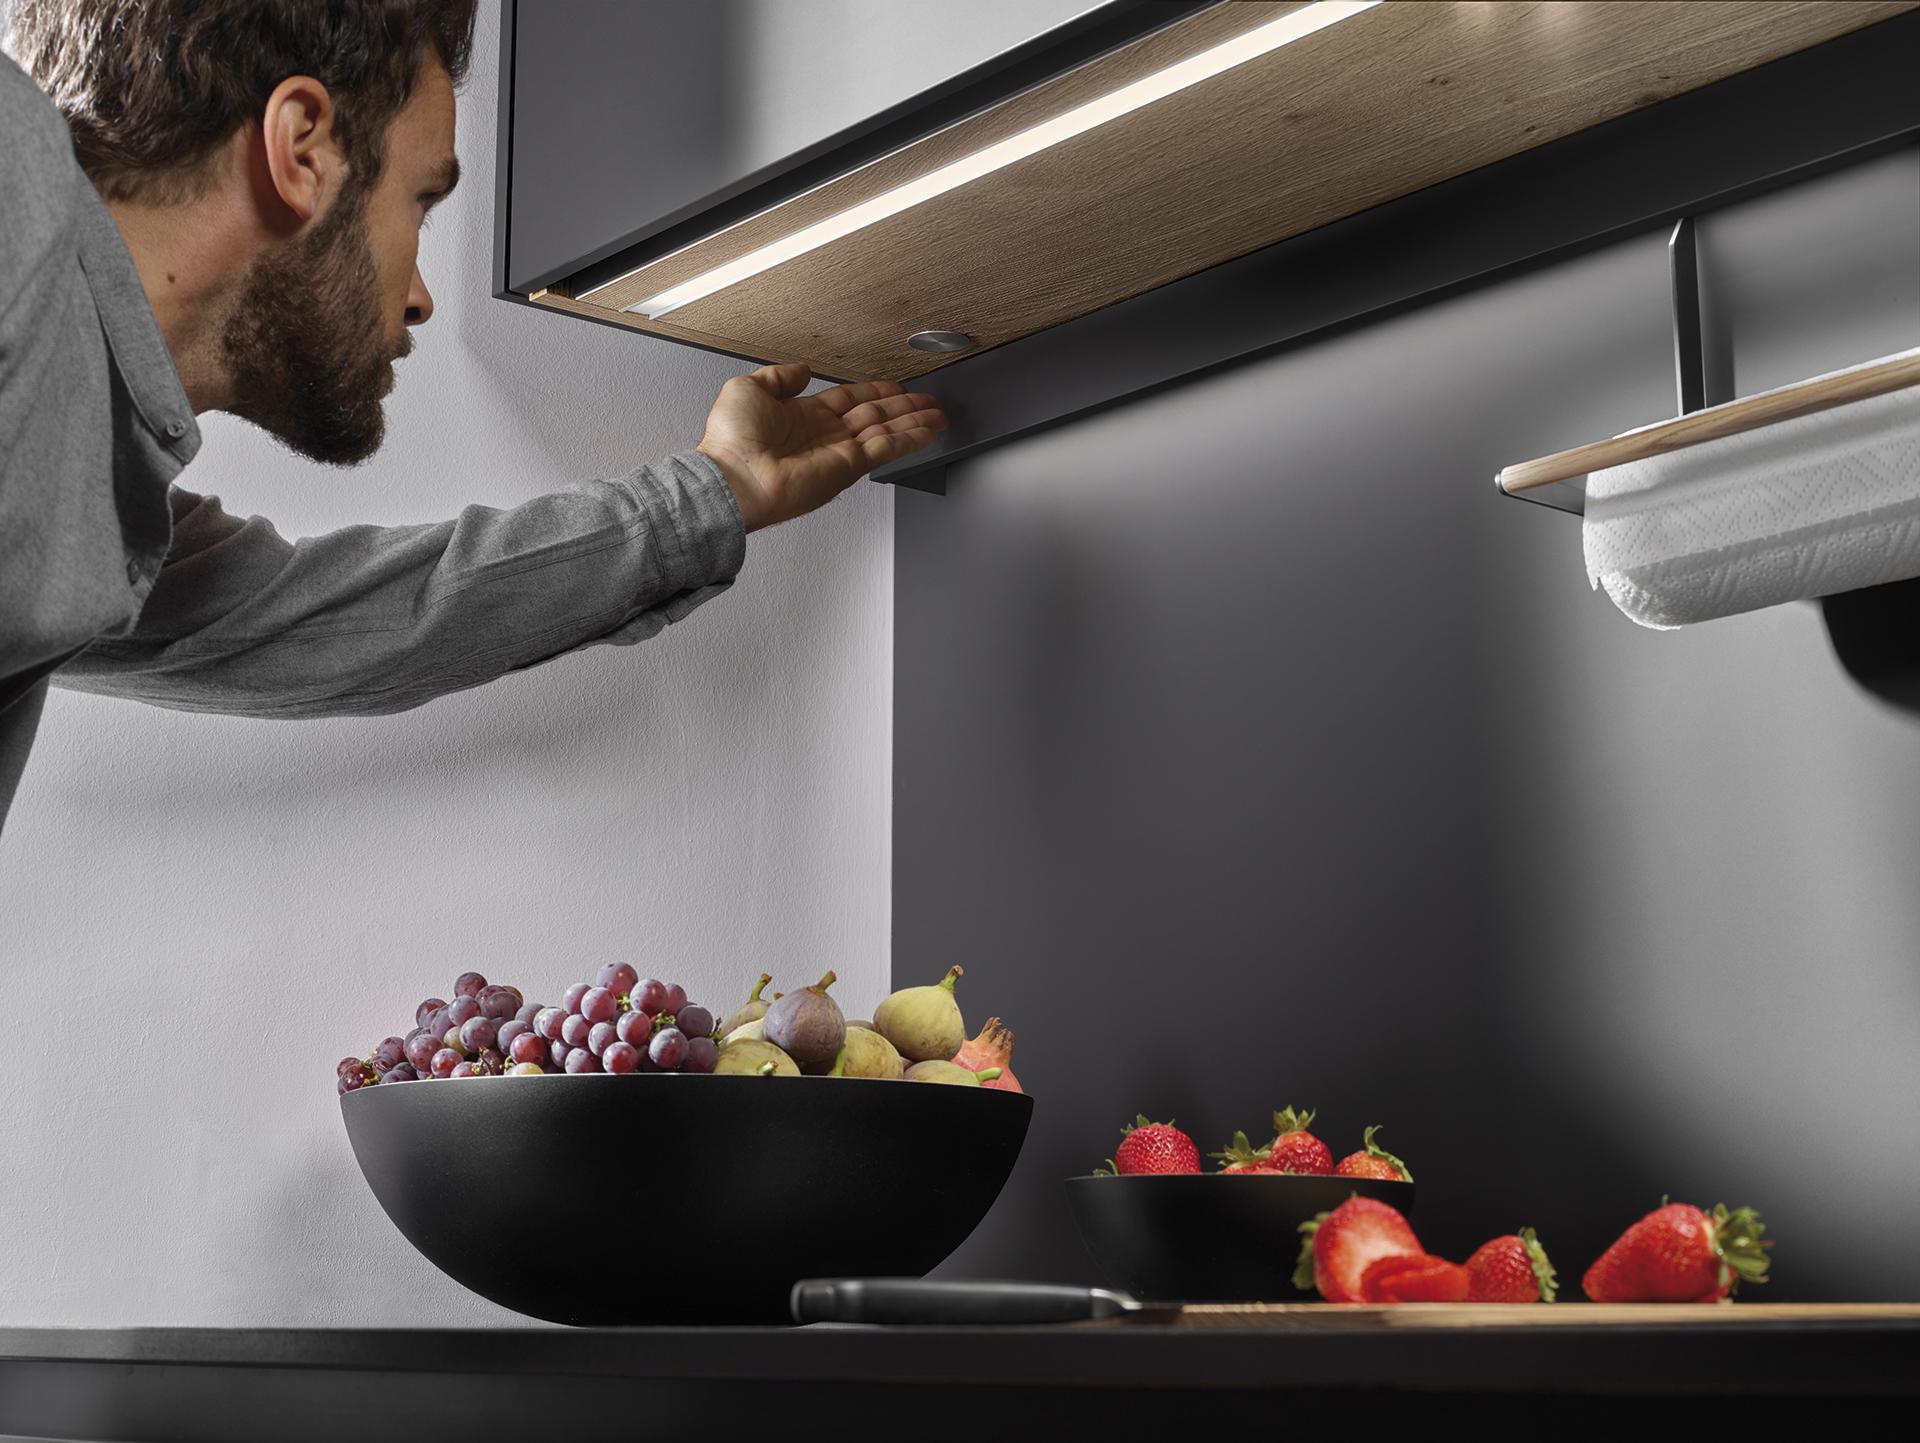 Image iluminacion-led-muebles-de-cocina-diseno-santos-santiago-interiores-12